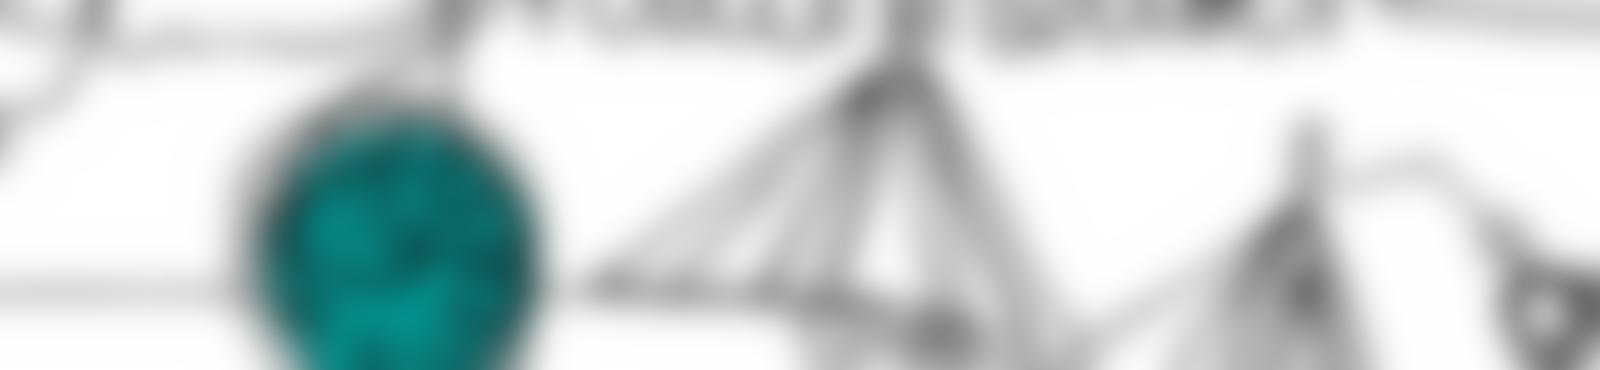 Blurred f6cbf368 aa08 4063 b10a 6f4f1c11a5d3